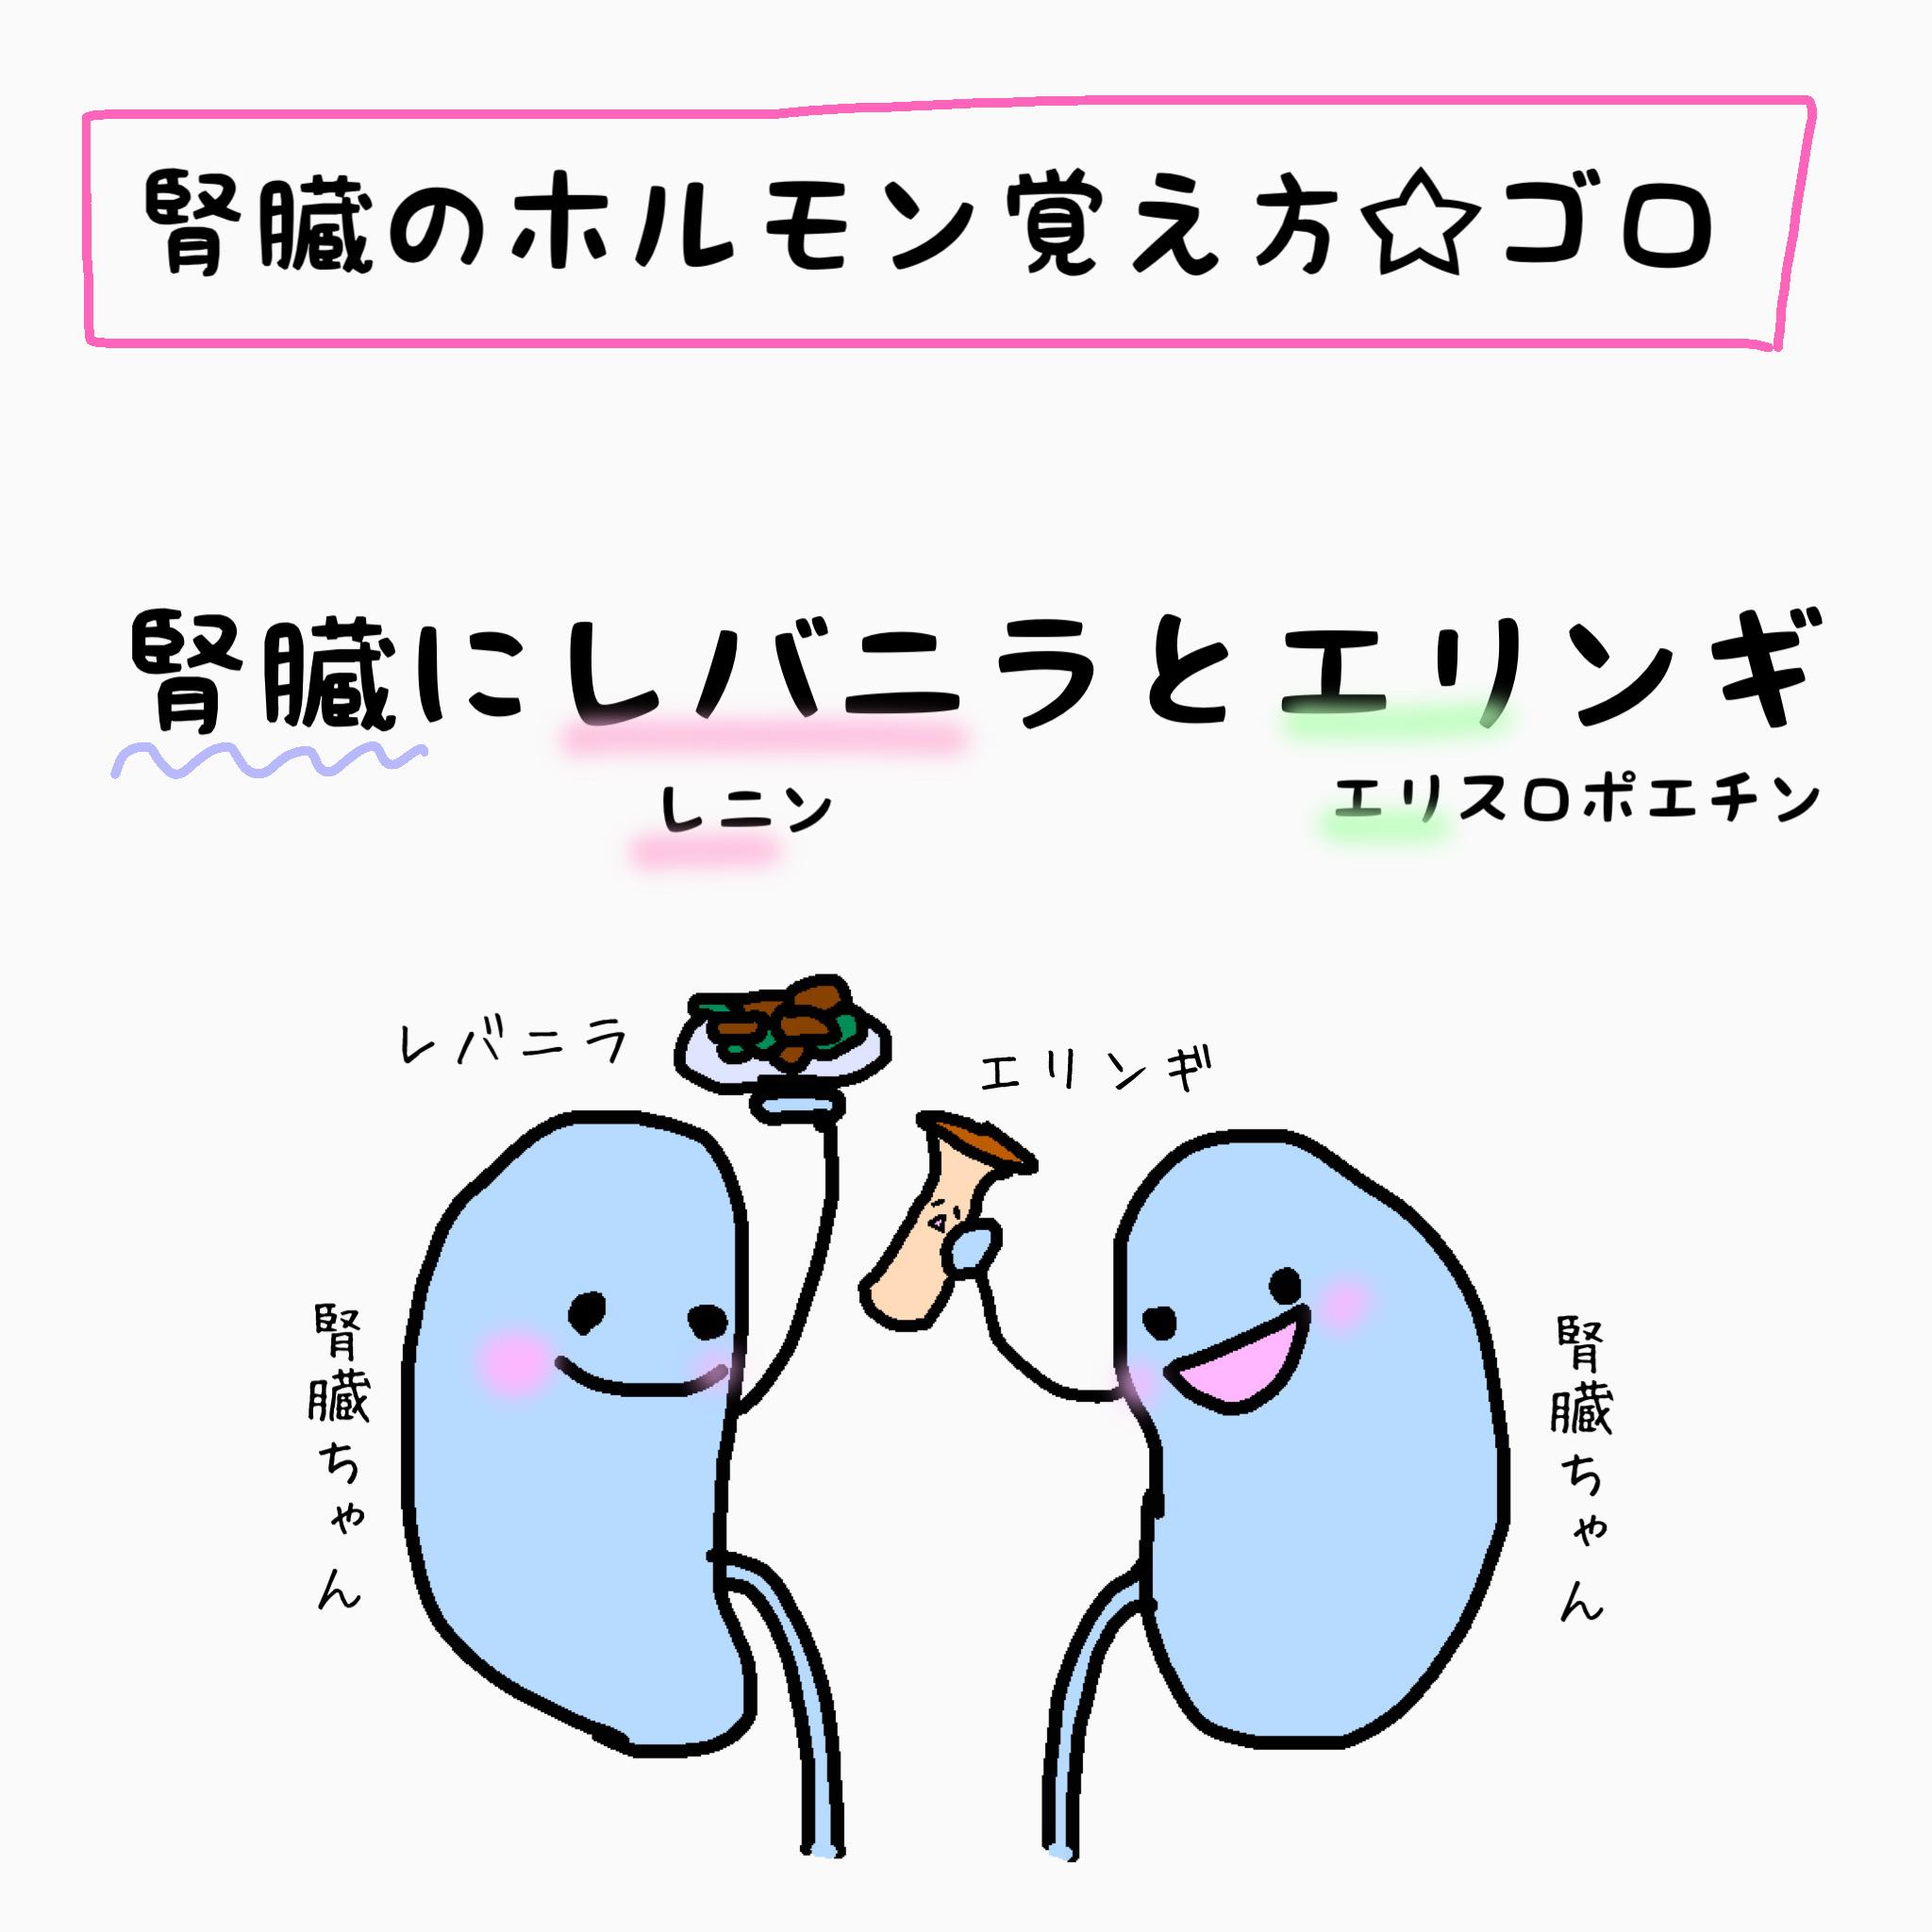 腎臓 ホルモン 覚え方 ゴロ合わせ